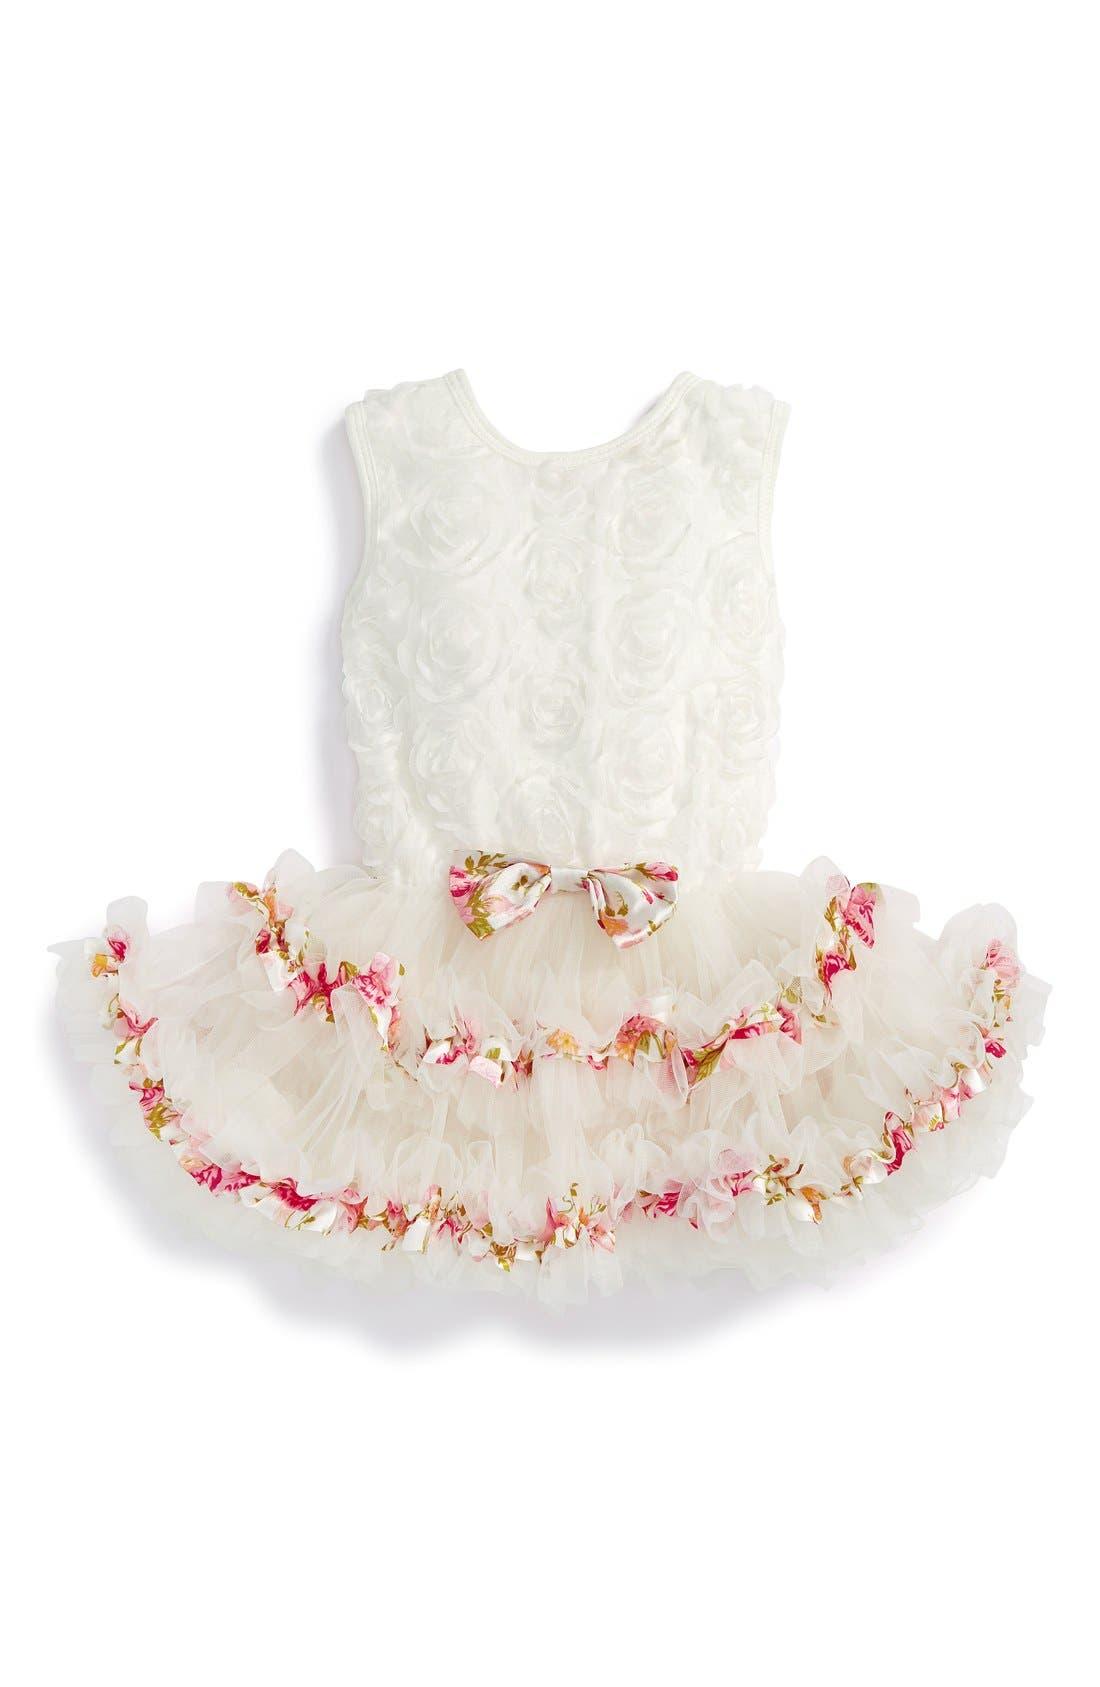 Ribbon Rosette Tutu Dress,                             Main thumbnail 1, color,                             110